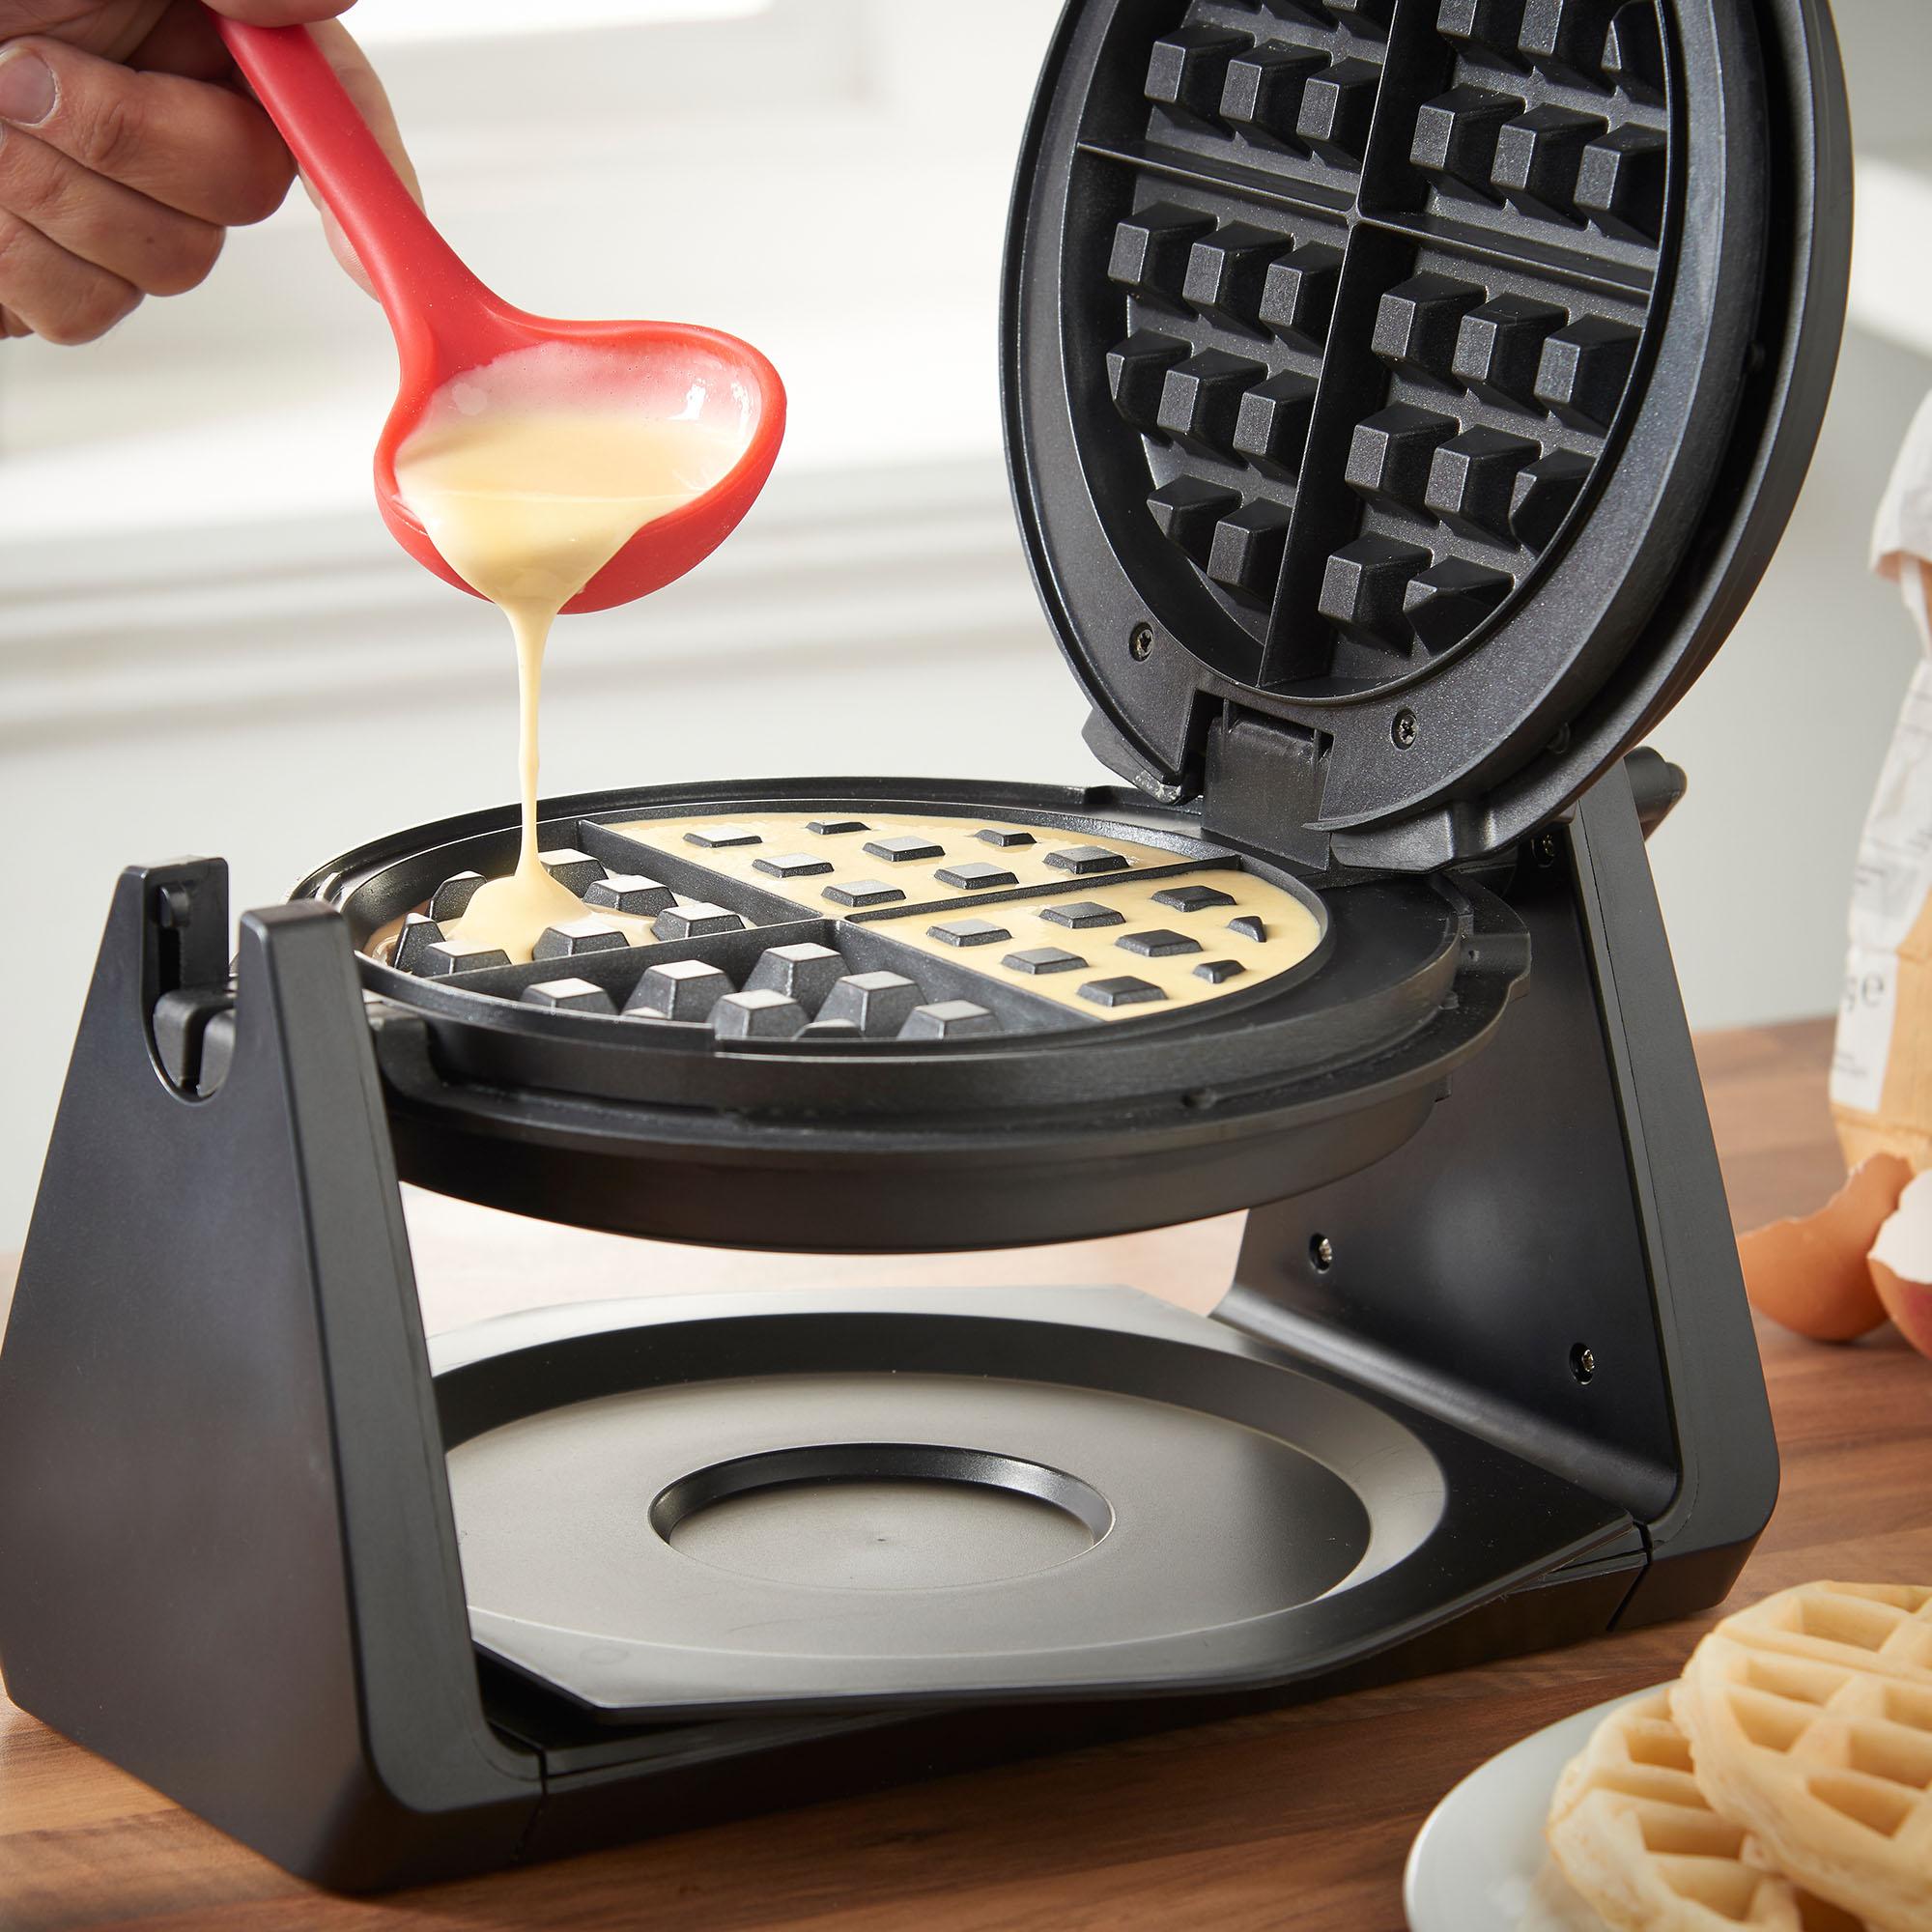 vonshef 20cm rotating quad belgian waffle maker iron. Black Bedroom Furniture Sets. Home Design Ideas